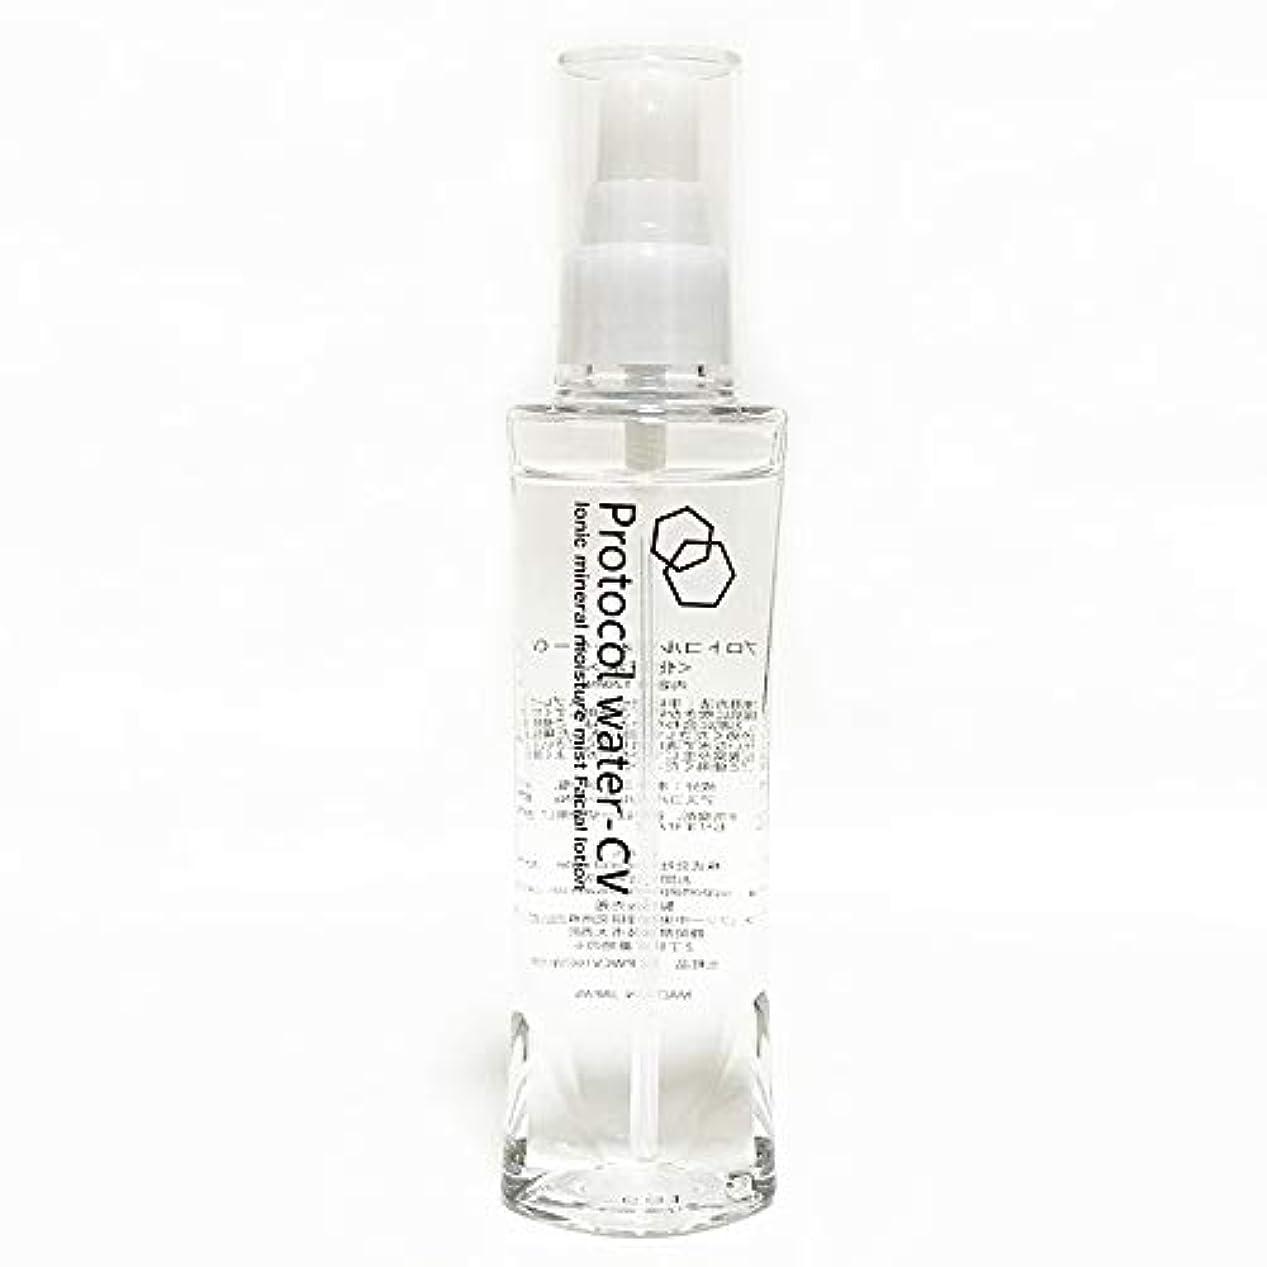 ポルノ六月ロケーションプロトコルウォーターCV オーガニック 防腐剤フリー 無香料 マイナスイオン化粧水 H2O&ミネラル塩+ビタミンC誘導体配合 120ml